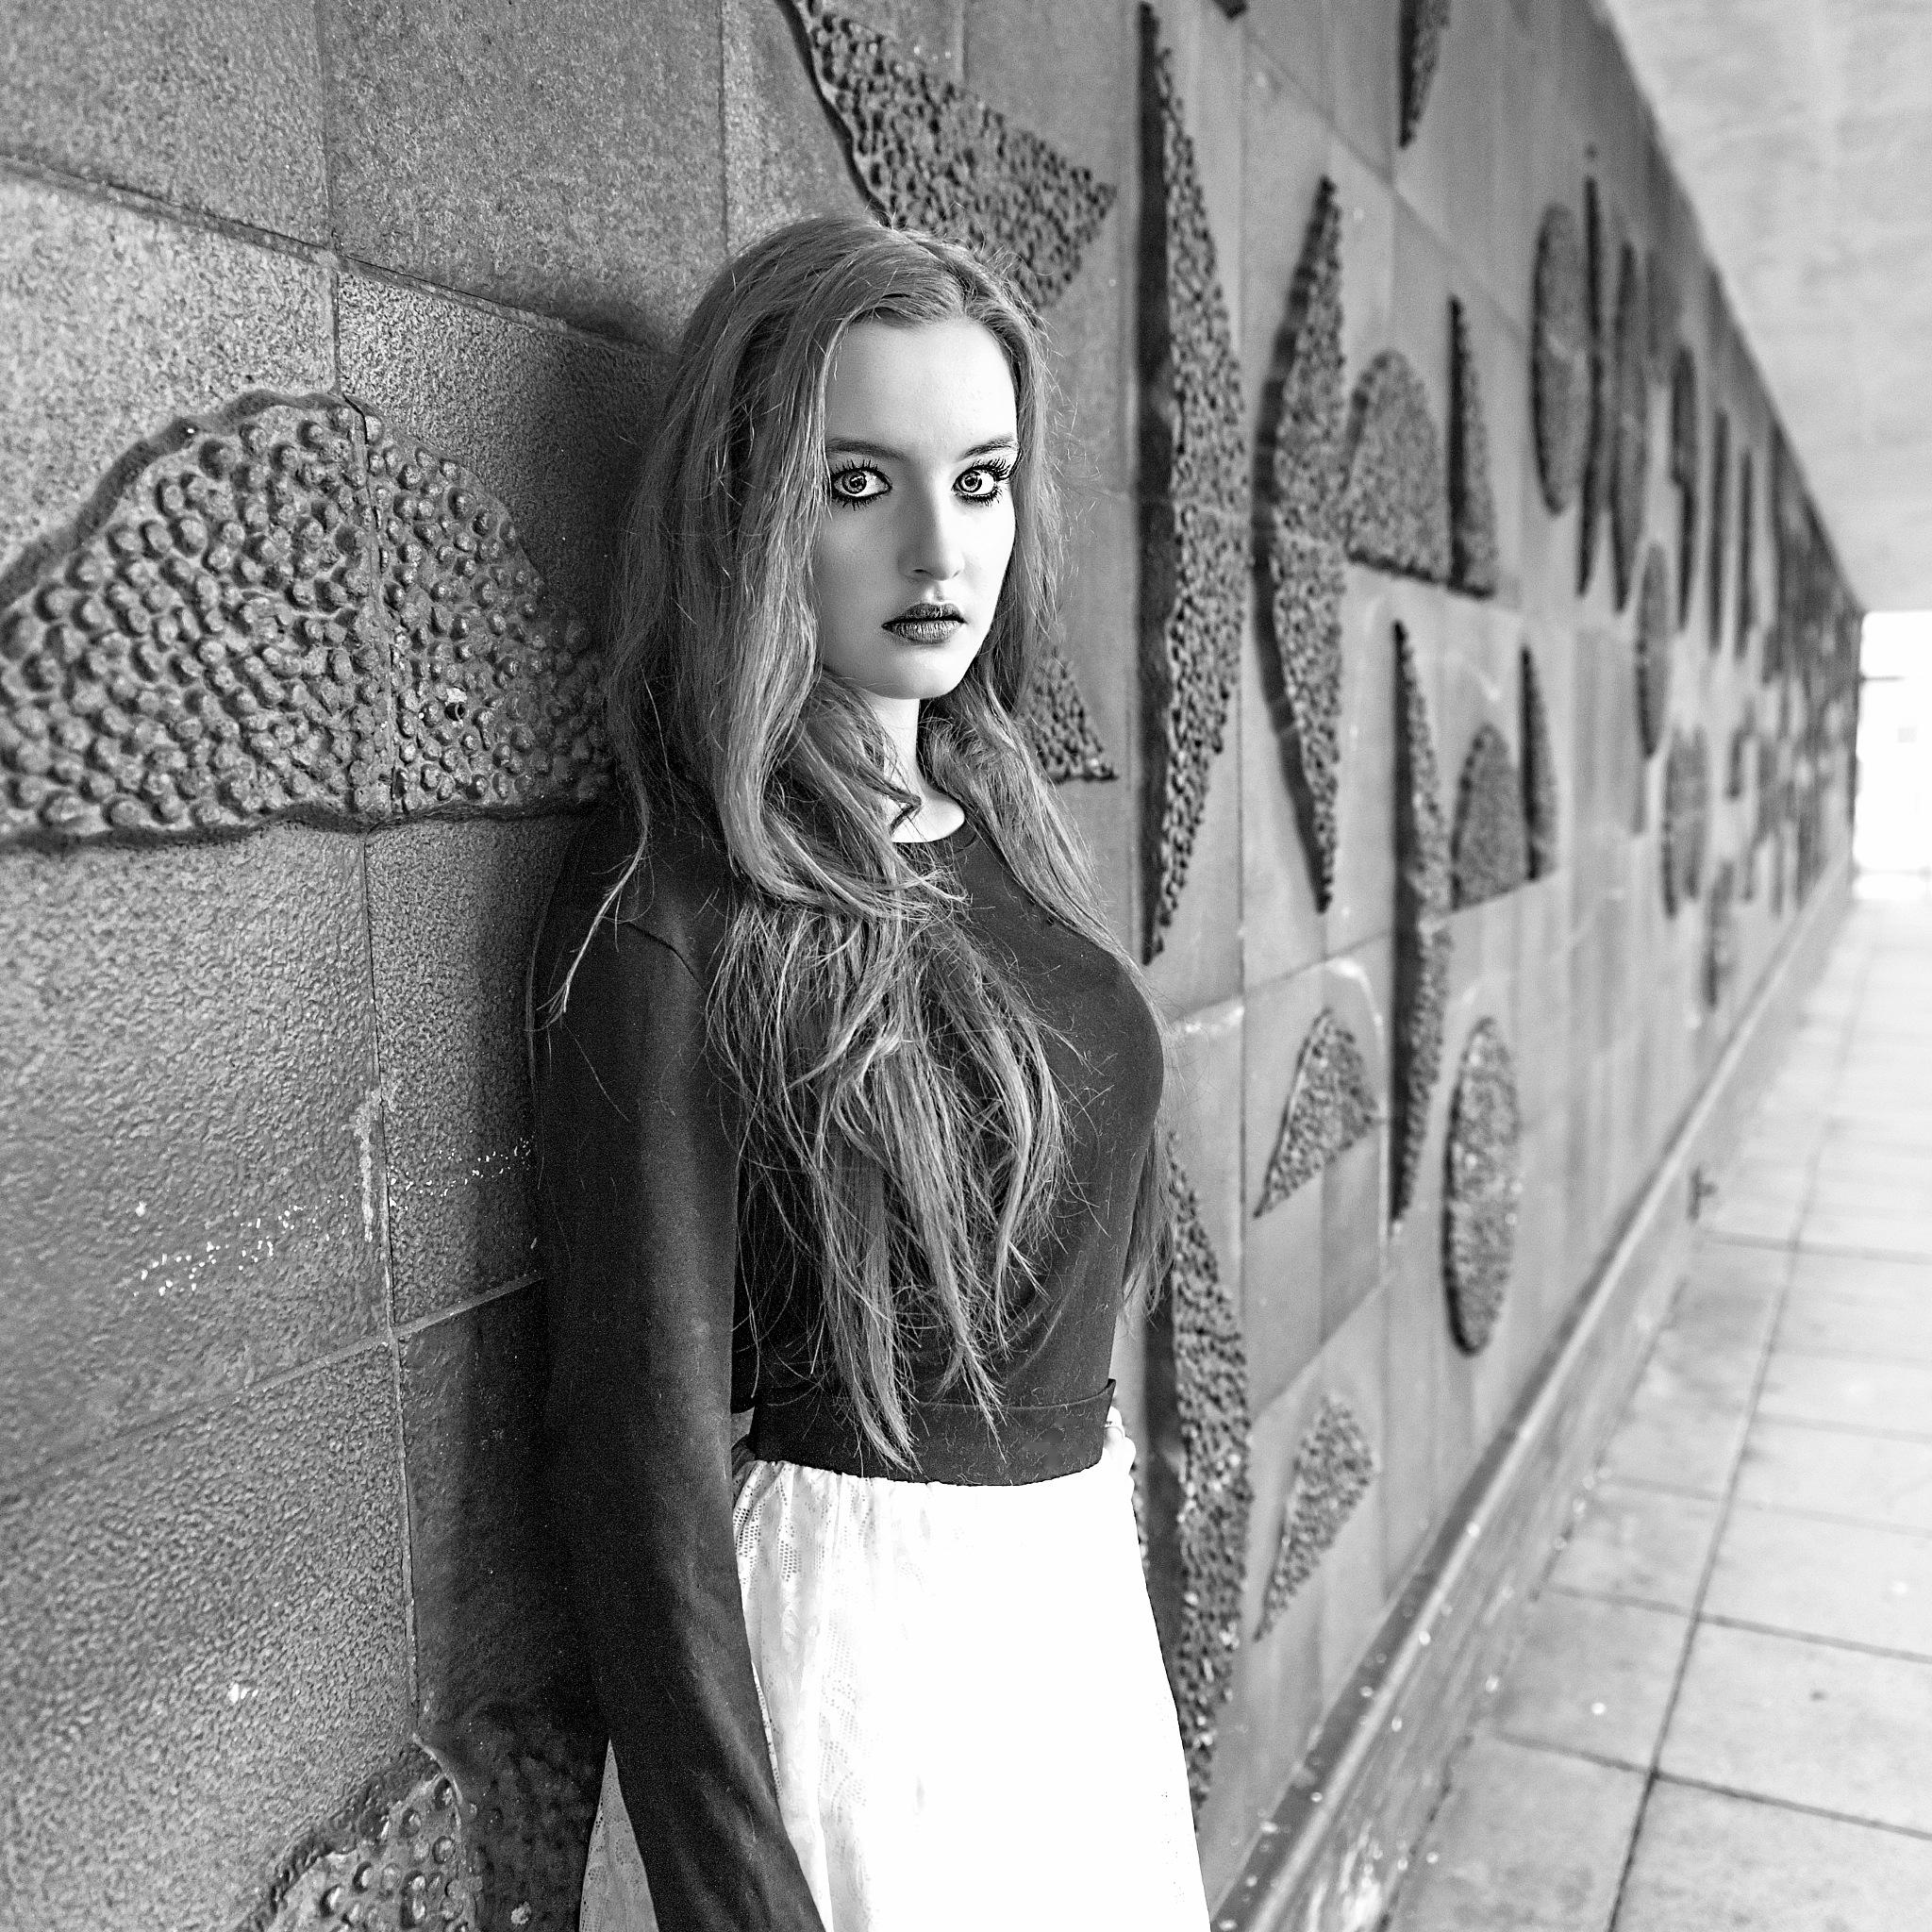 The look by brianlewicki14